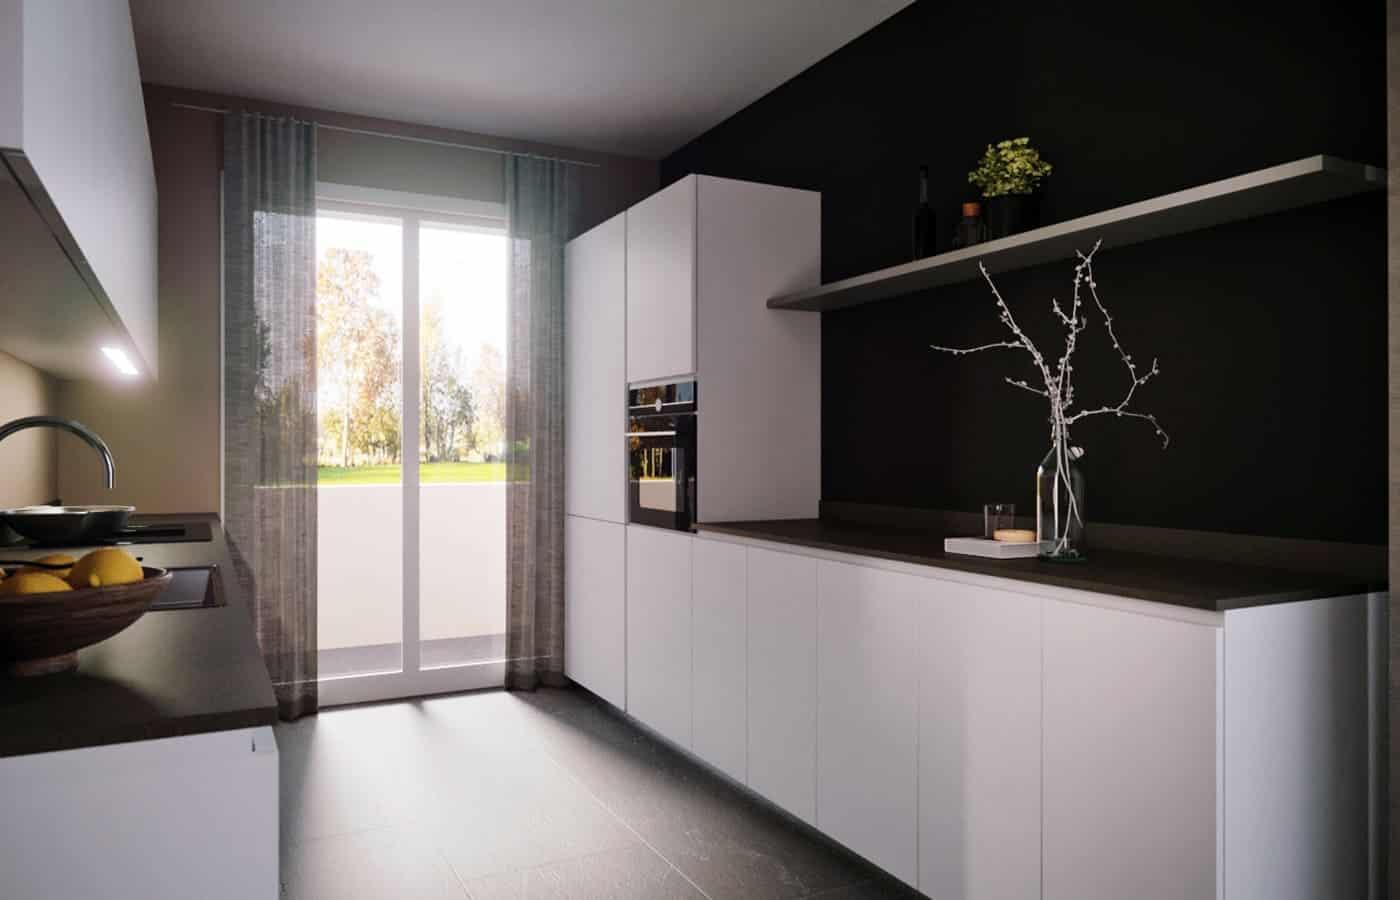 Cucina - Progetto Viale Campagna Milano - Il Mobile